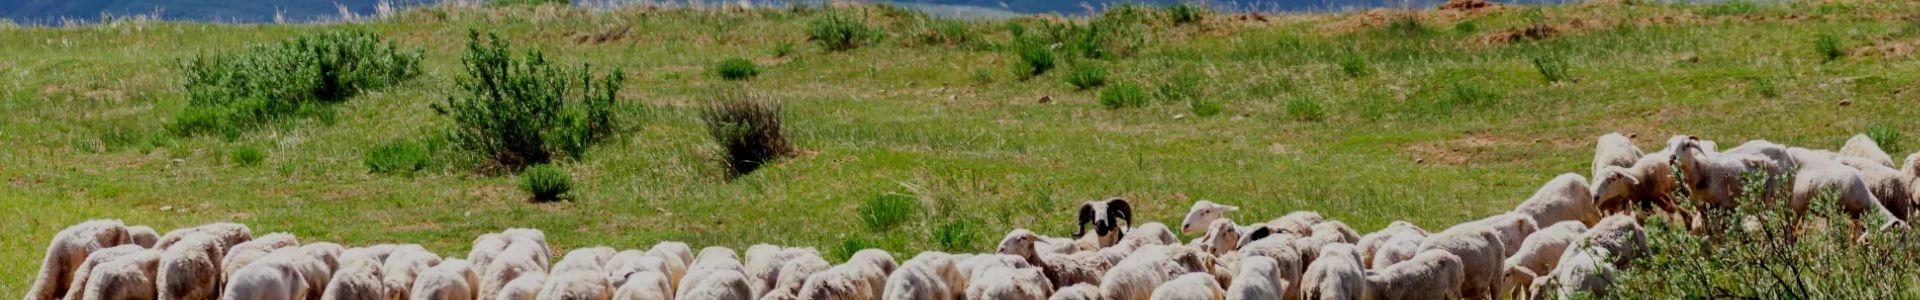 青海飼料,牛羊飼料